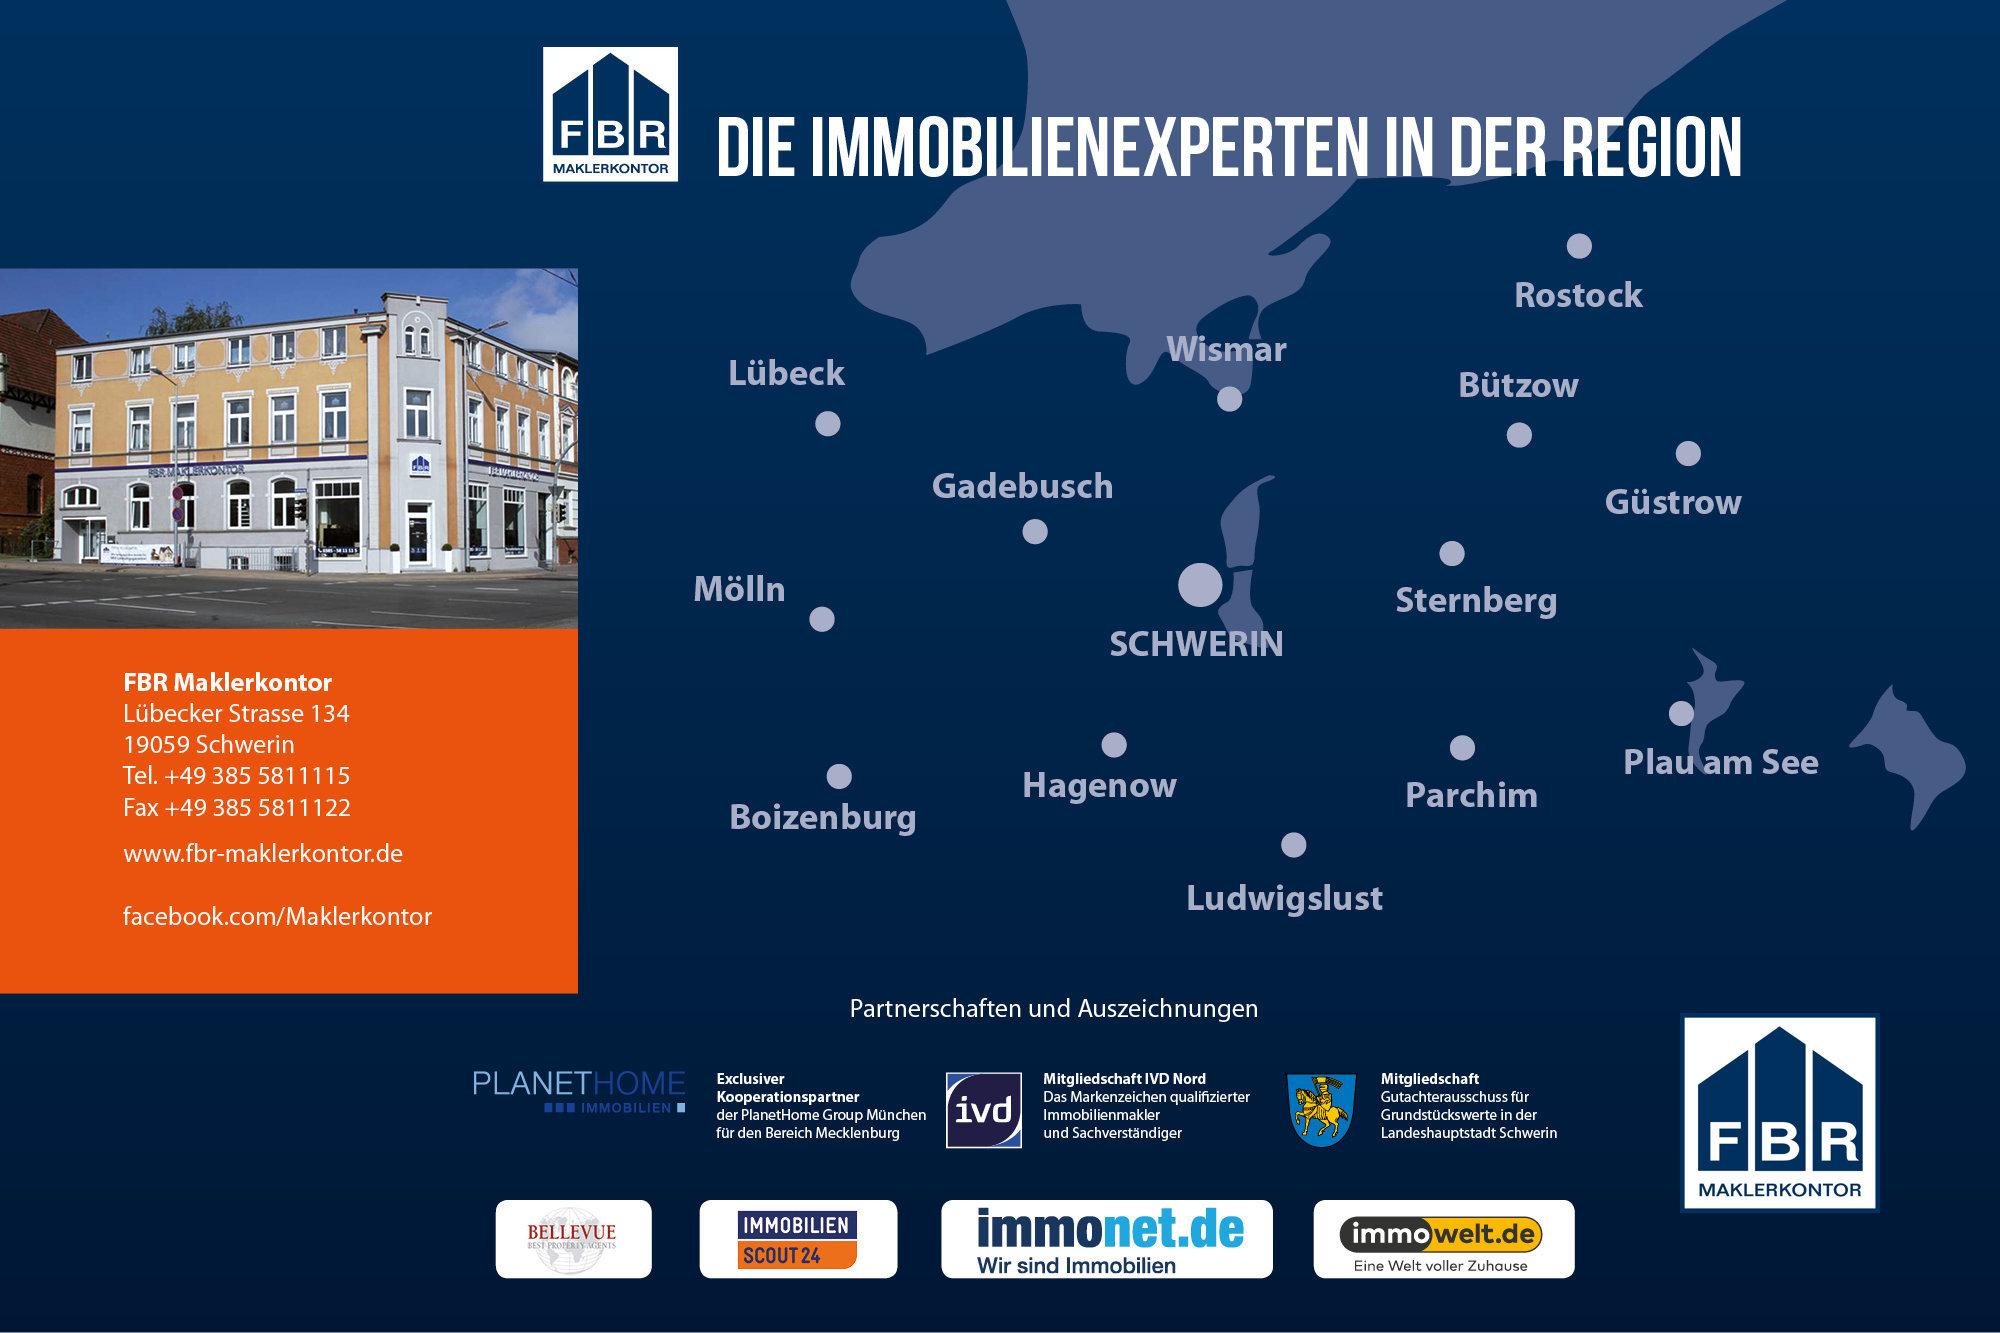 FBR: Unsere Region